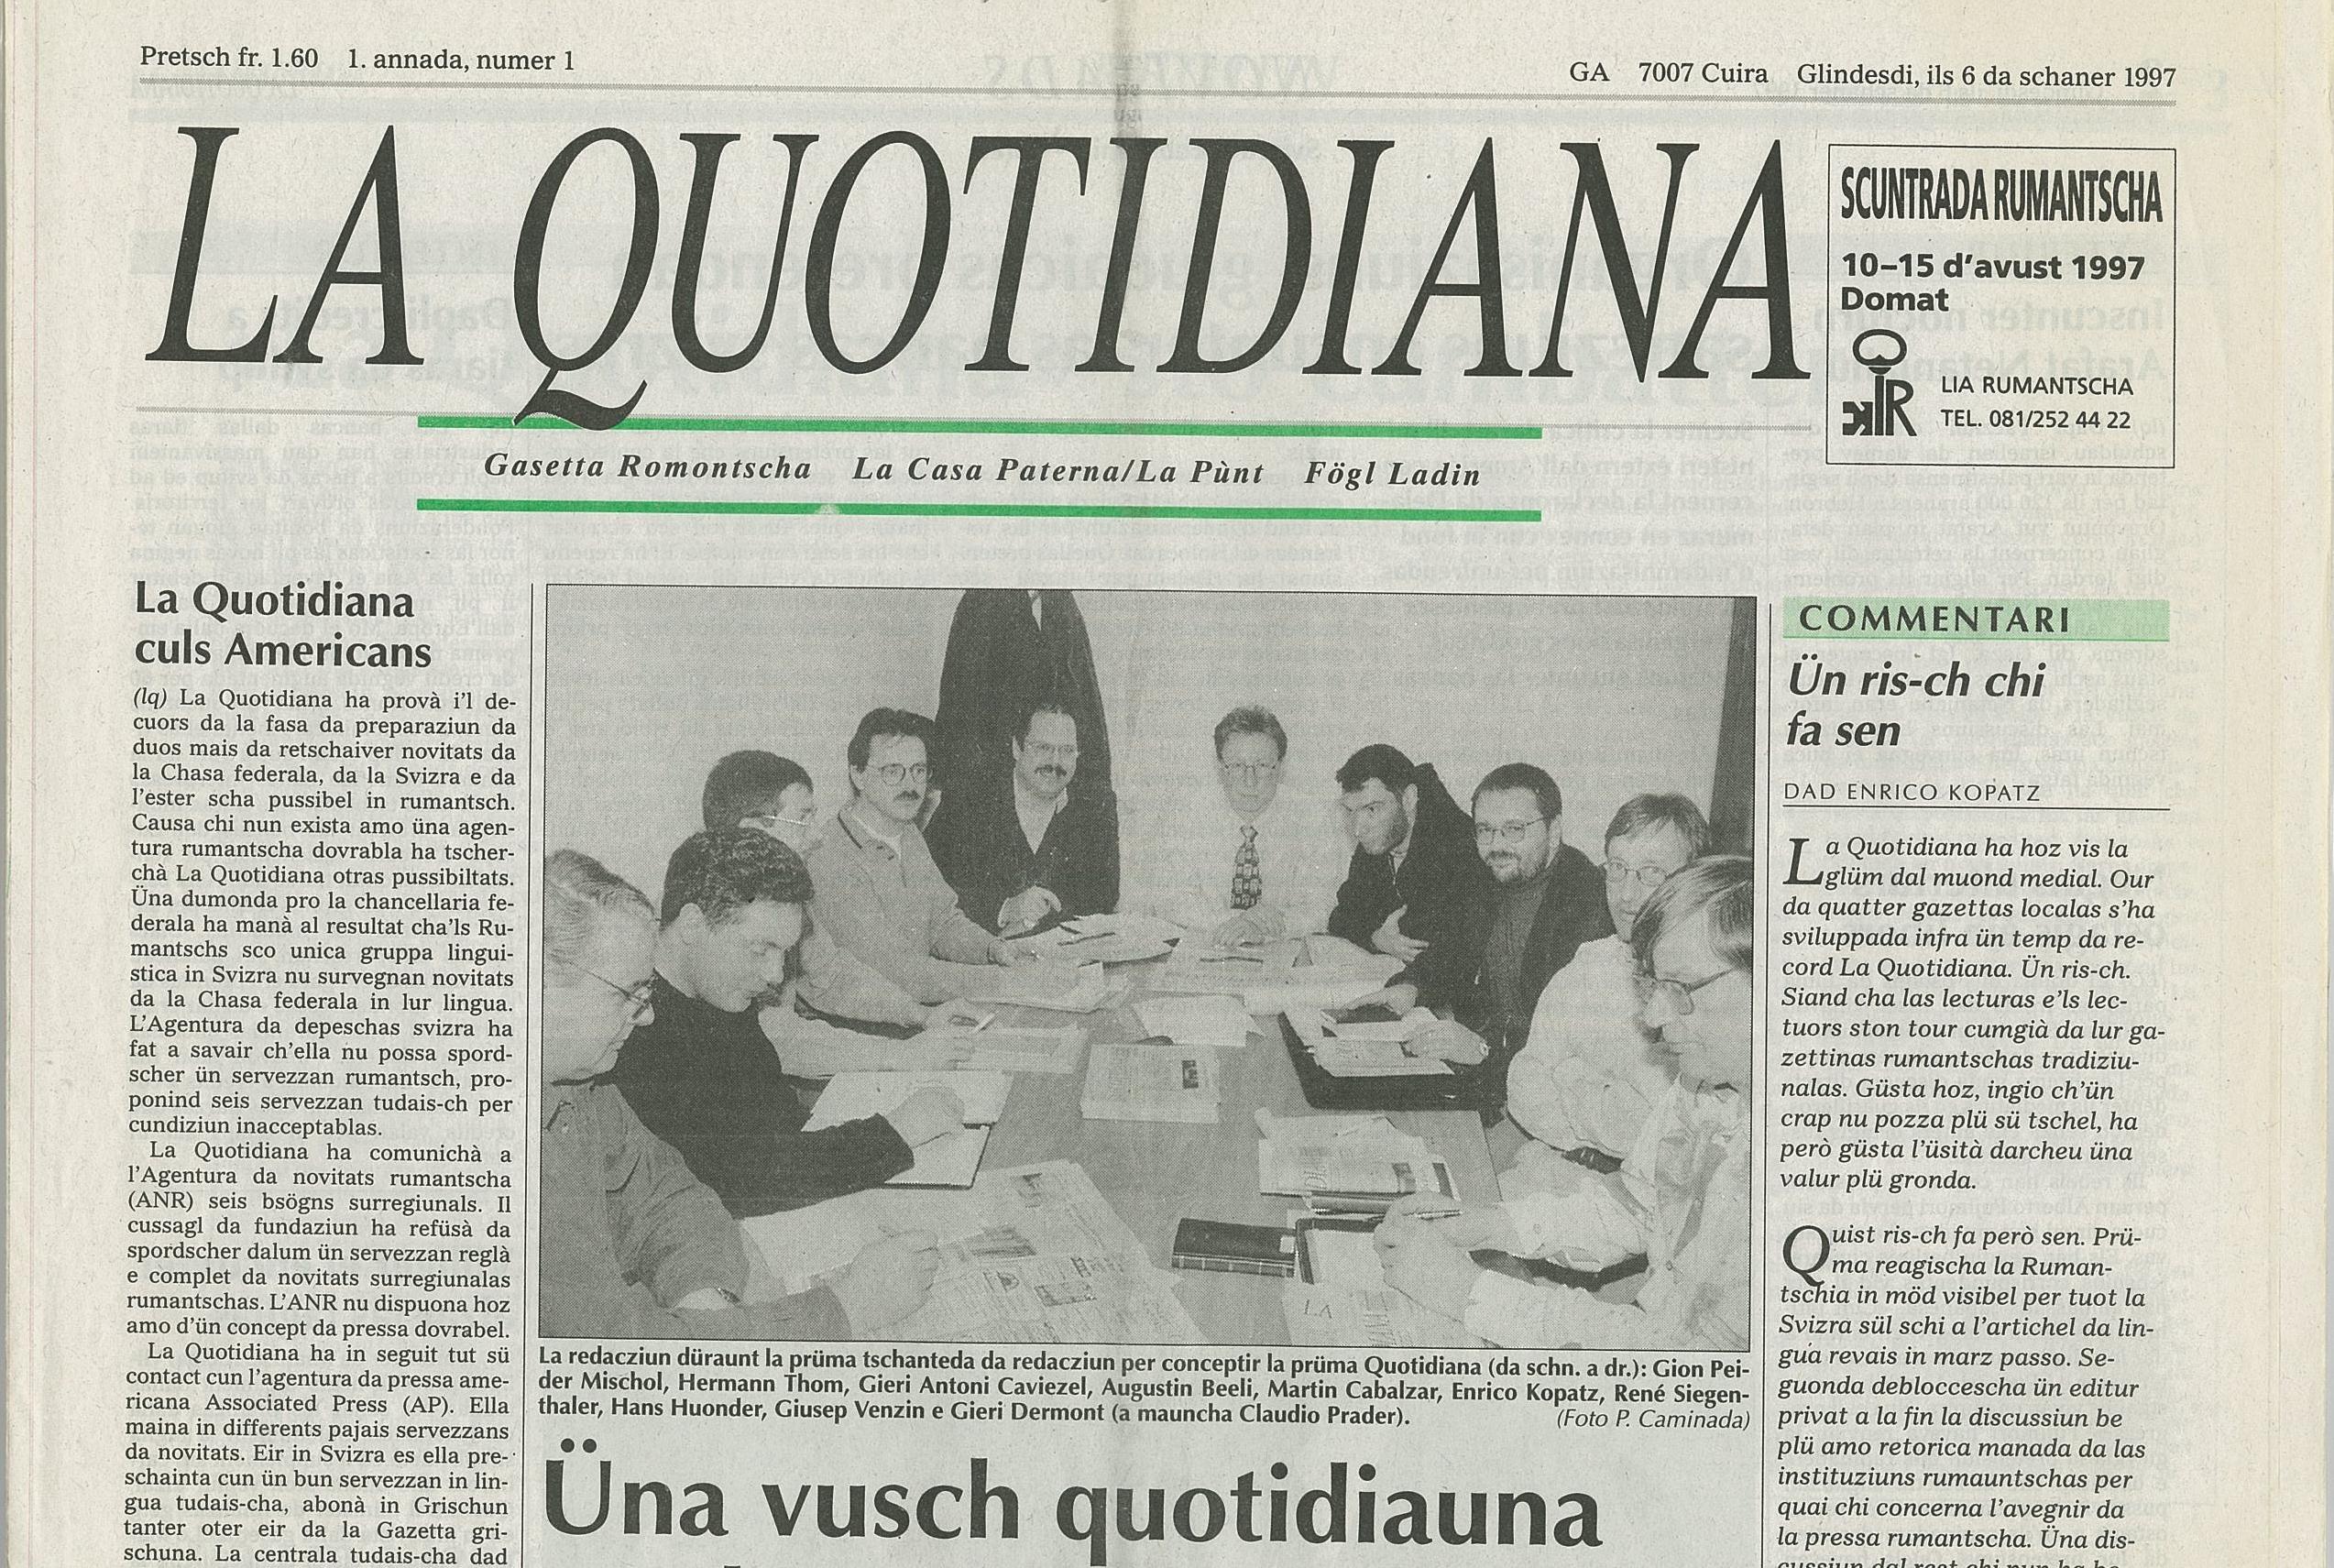 L'eprima ediziun da La Quotidiana, ils 06 da schaner 1997.